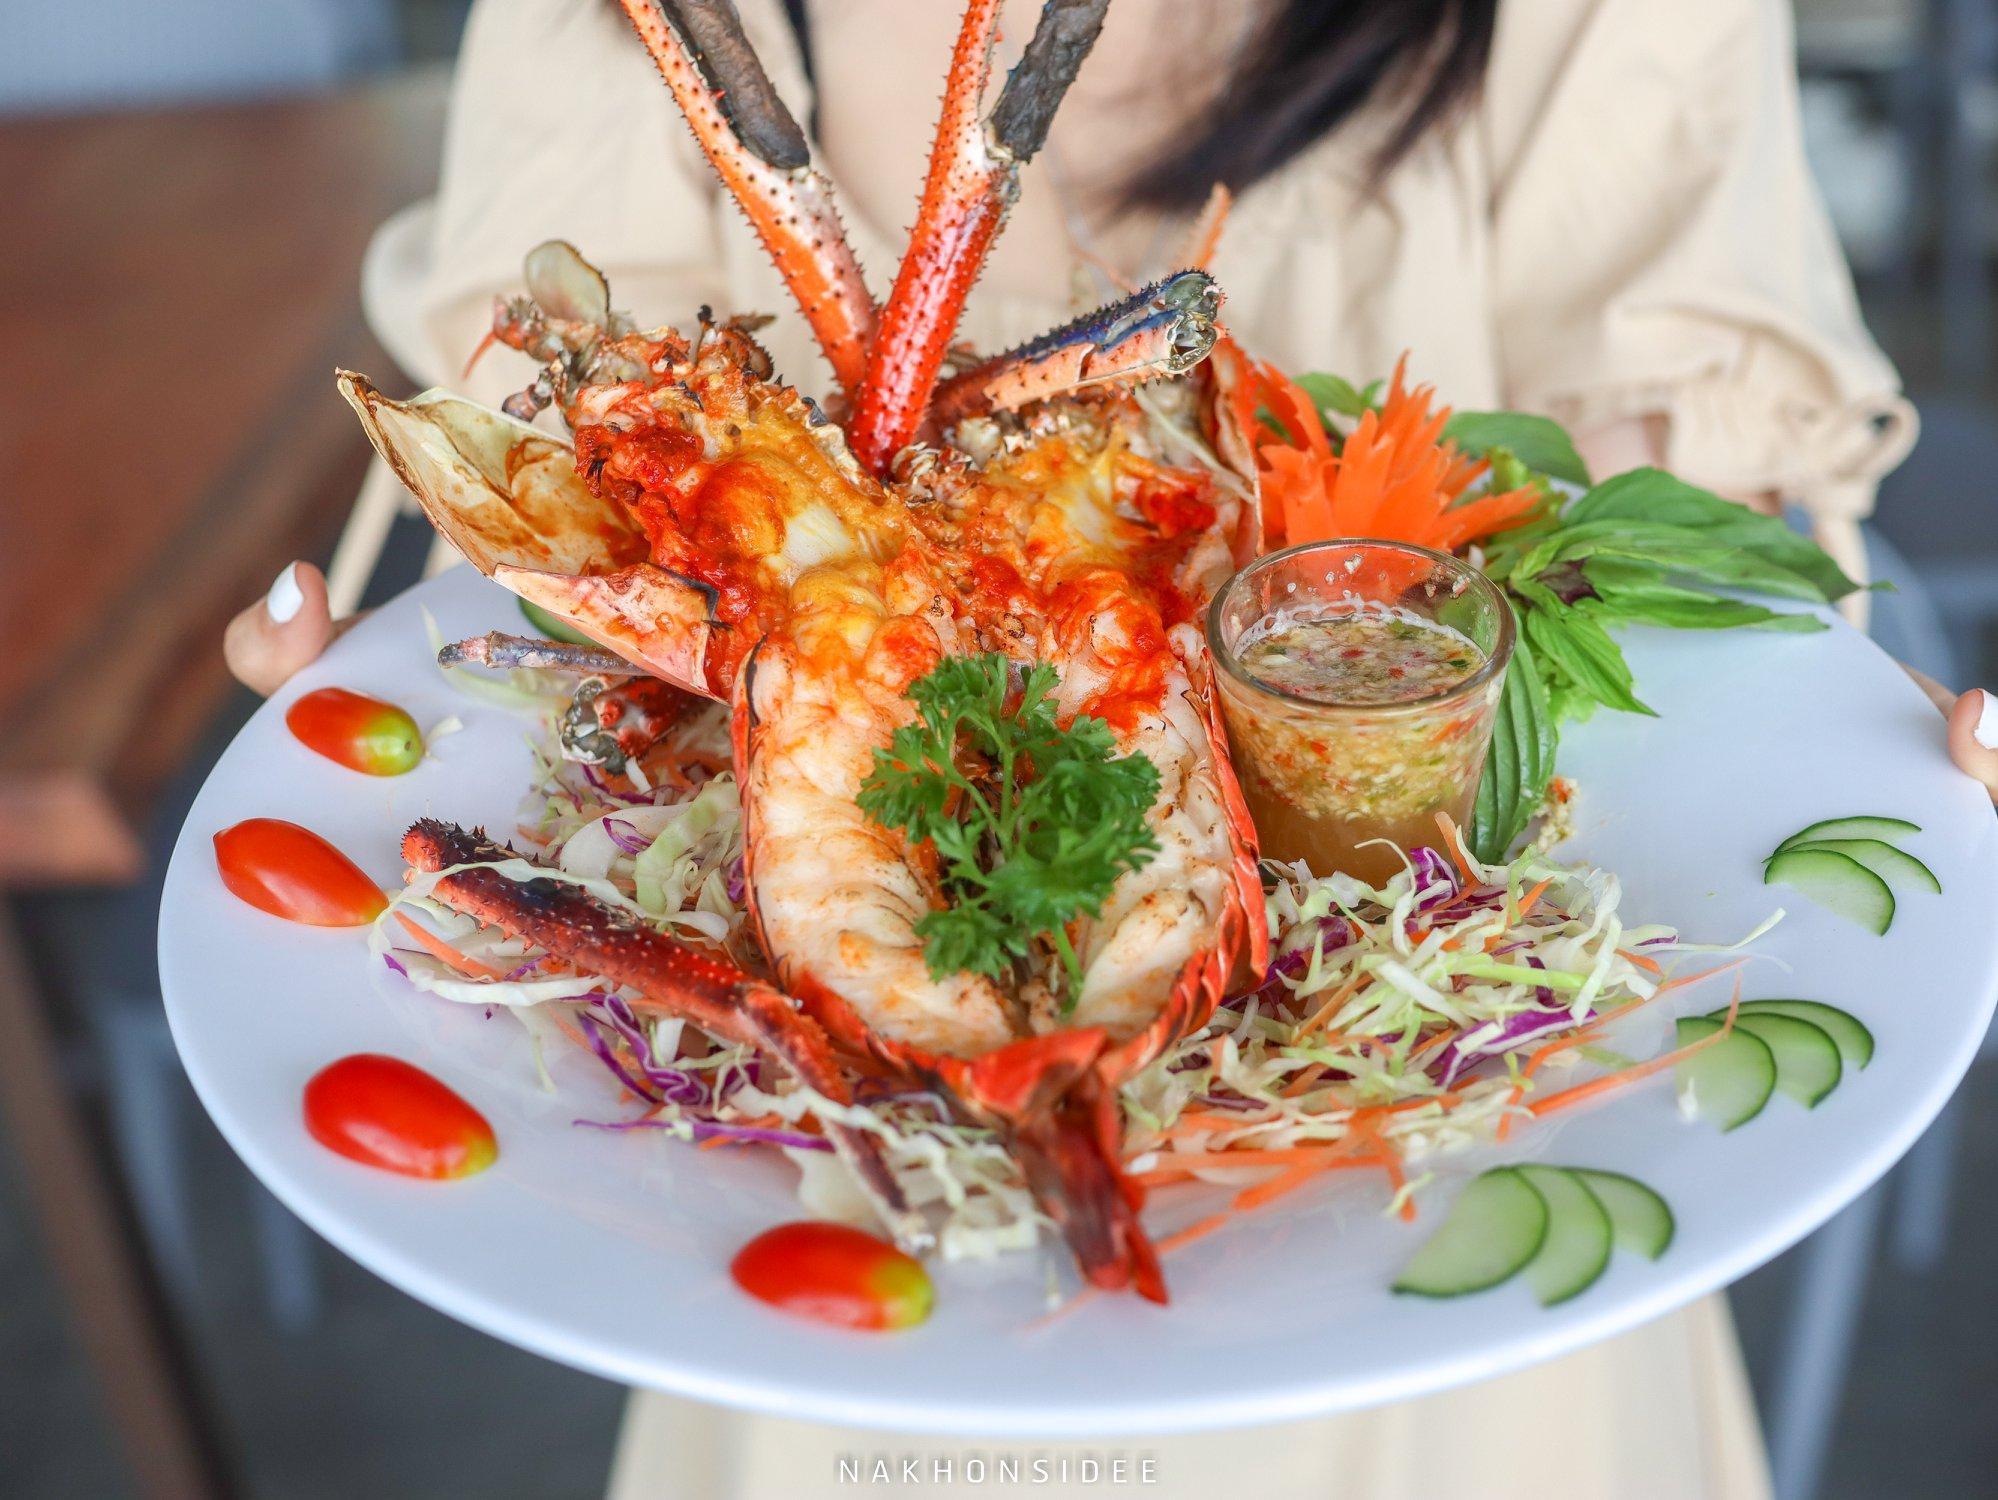 อันนี้อร่อยย  ร้านอาหารทะเล,นครศรีธรรมราช,ซีฟู๊ด,อร่อย,เด็ด,กุ้ง,ดินเนอร์